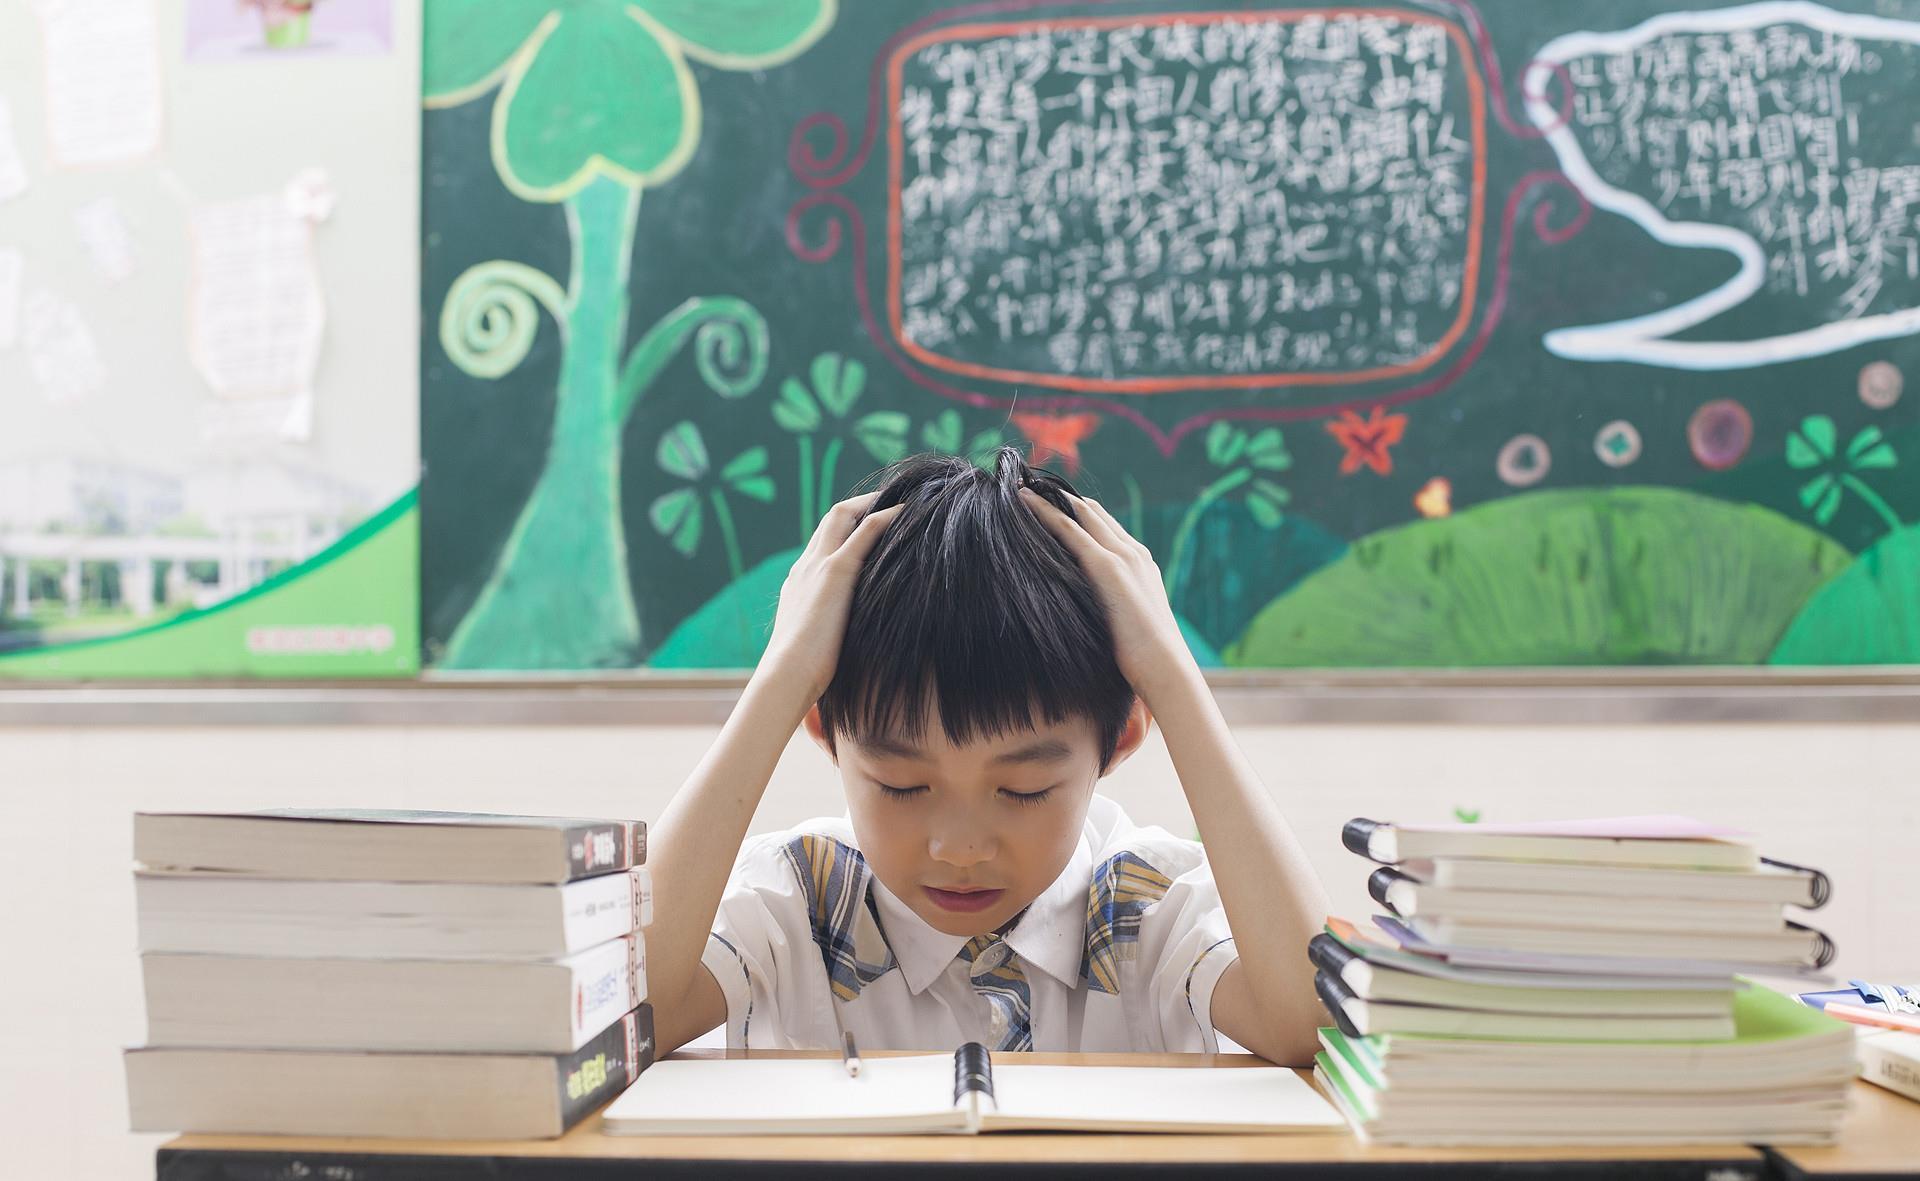 幽灵猛虎王_同样是做寒假作业,但小学高中区别甚大,你有没有同感呢?-第3张图片-游戏摸鱼怪